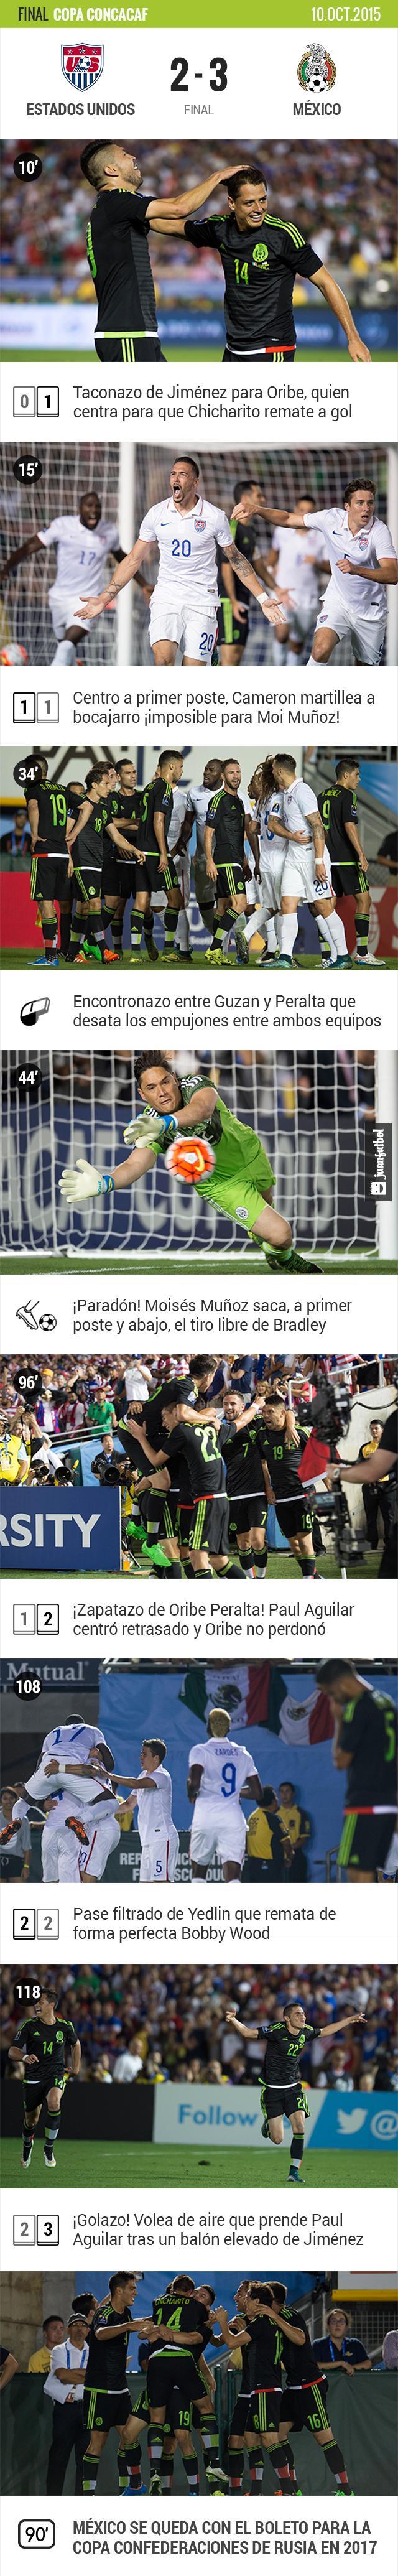 Estados Unidos 2-3 México